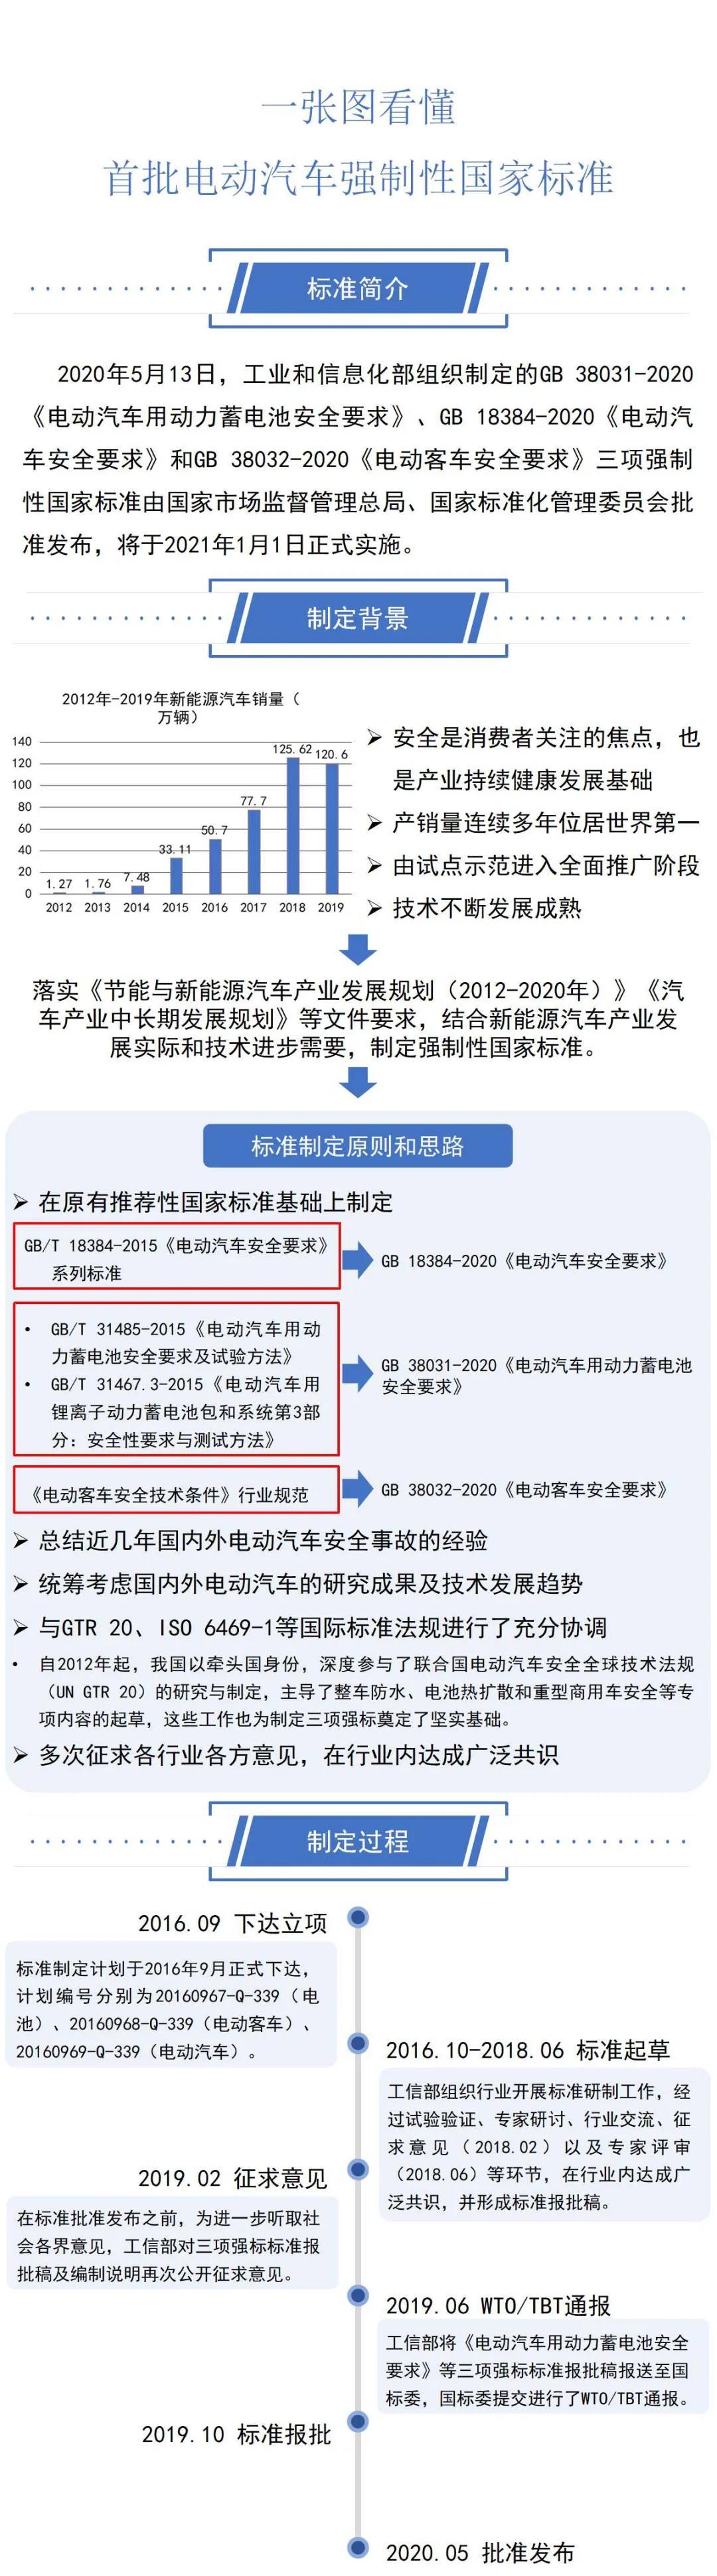 明年起正式实施解读三项电动汽车强制性国家标准